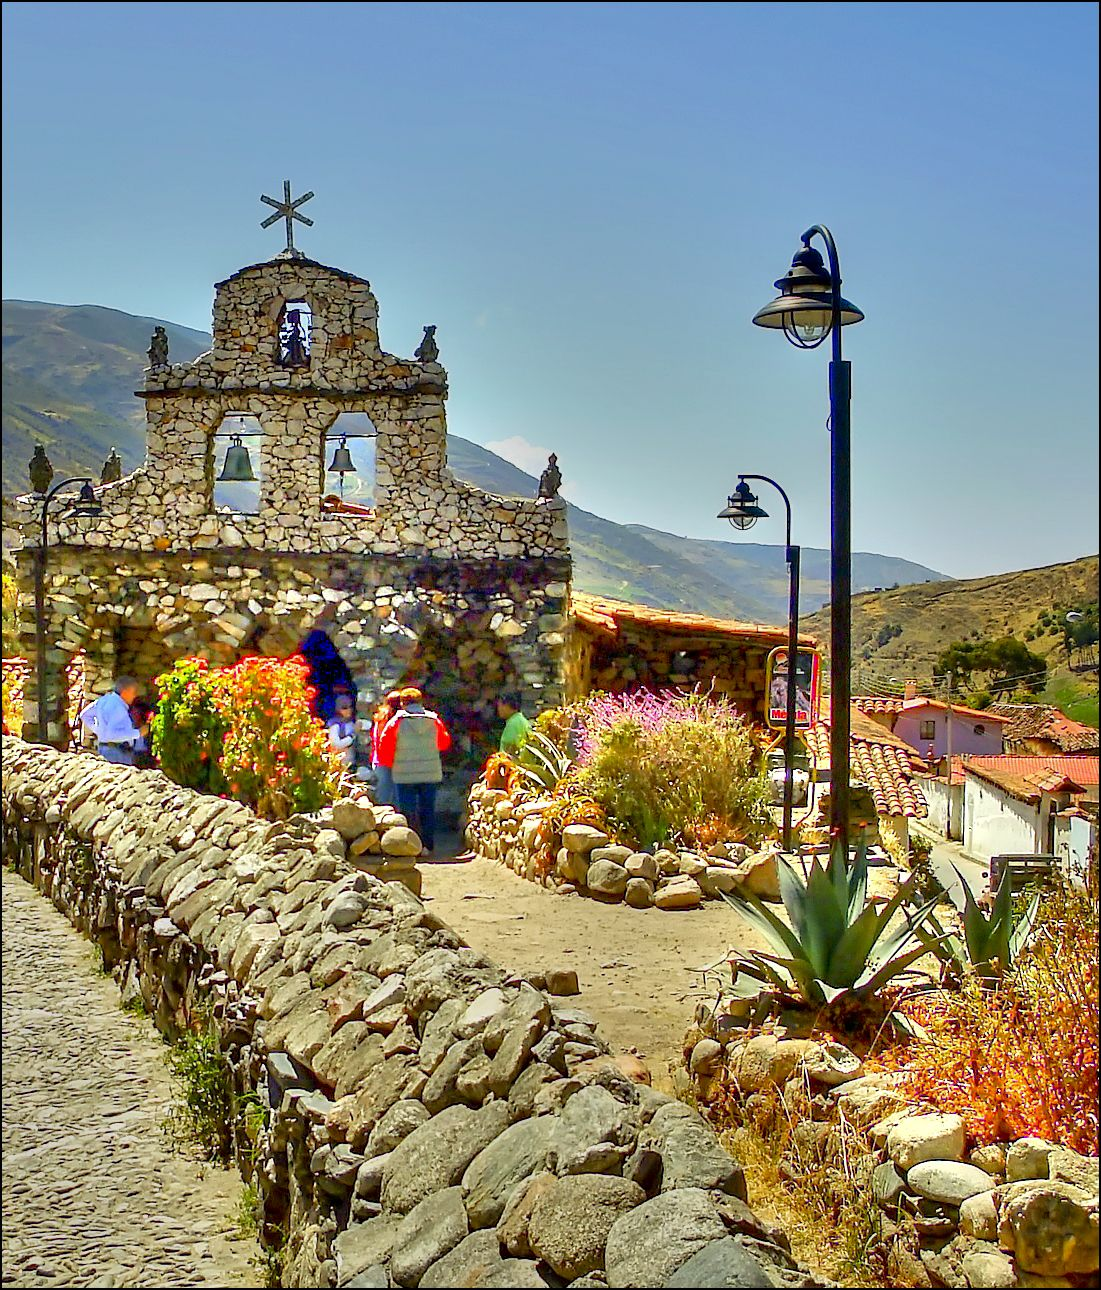 Iglesia de piedra, construida piedra a piedra por el Sr. Juan Felix, quien nació en 1900, esta ubicada en San Rafael de Mucuchies, Merida, Venezuela.